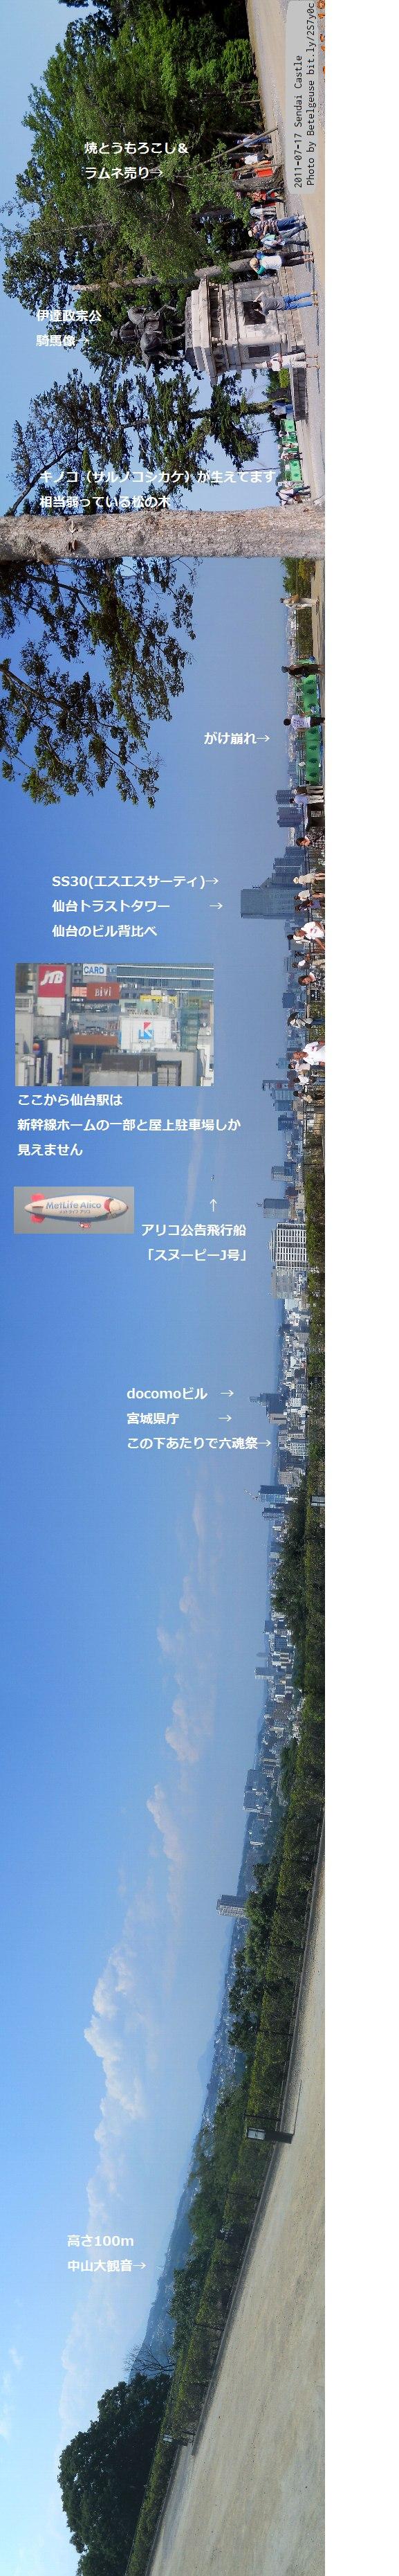 仙台城から見た仙台市街20110717